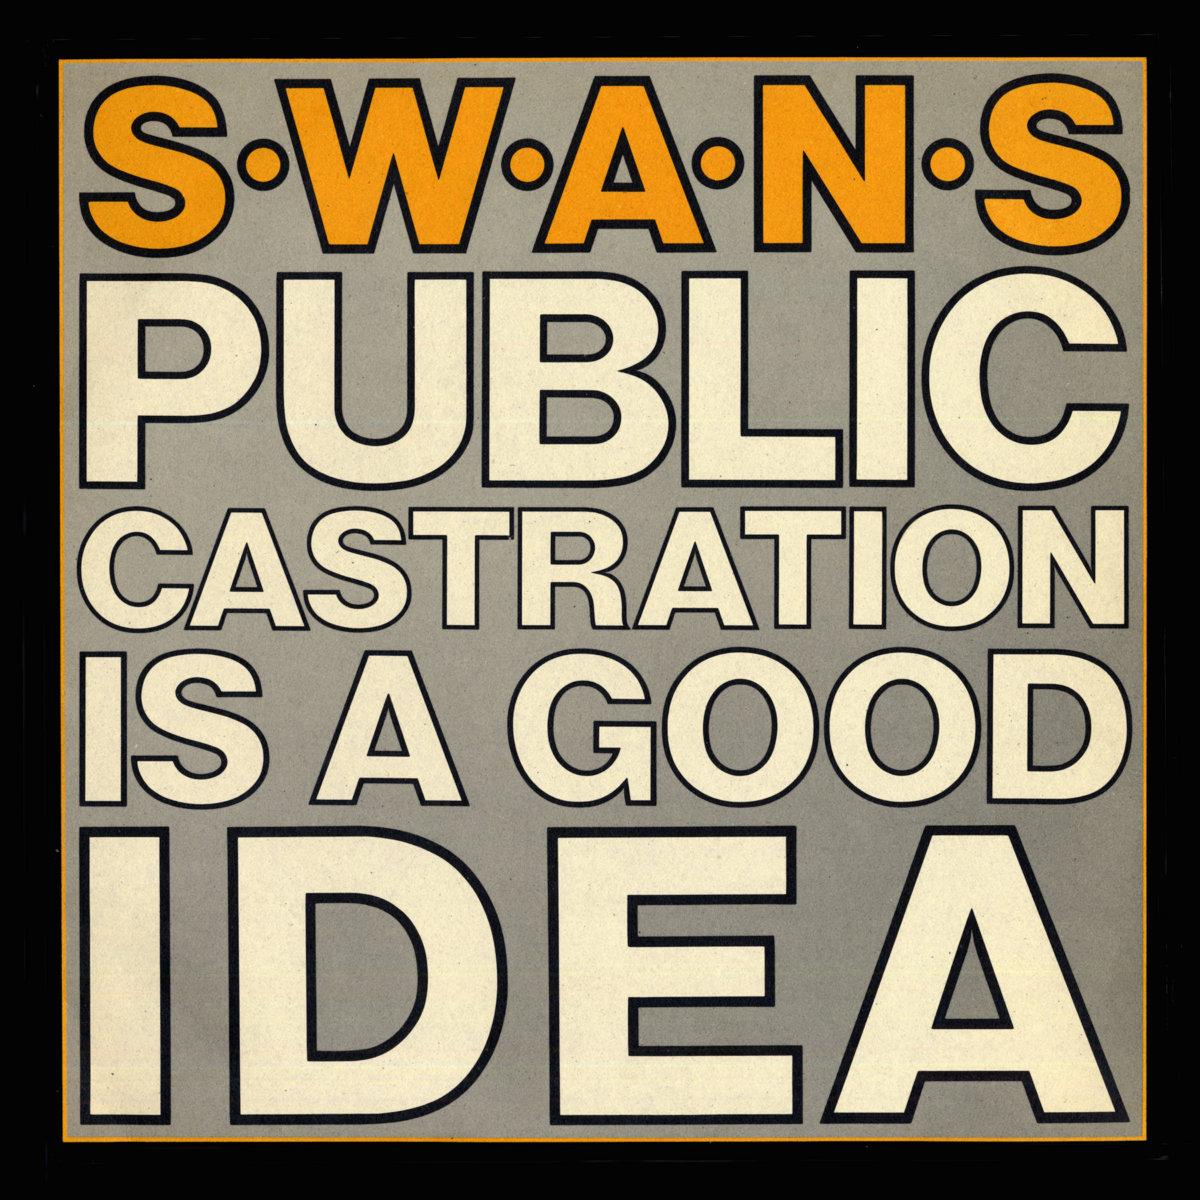 public castration is a good idea swans